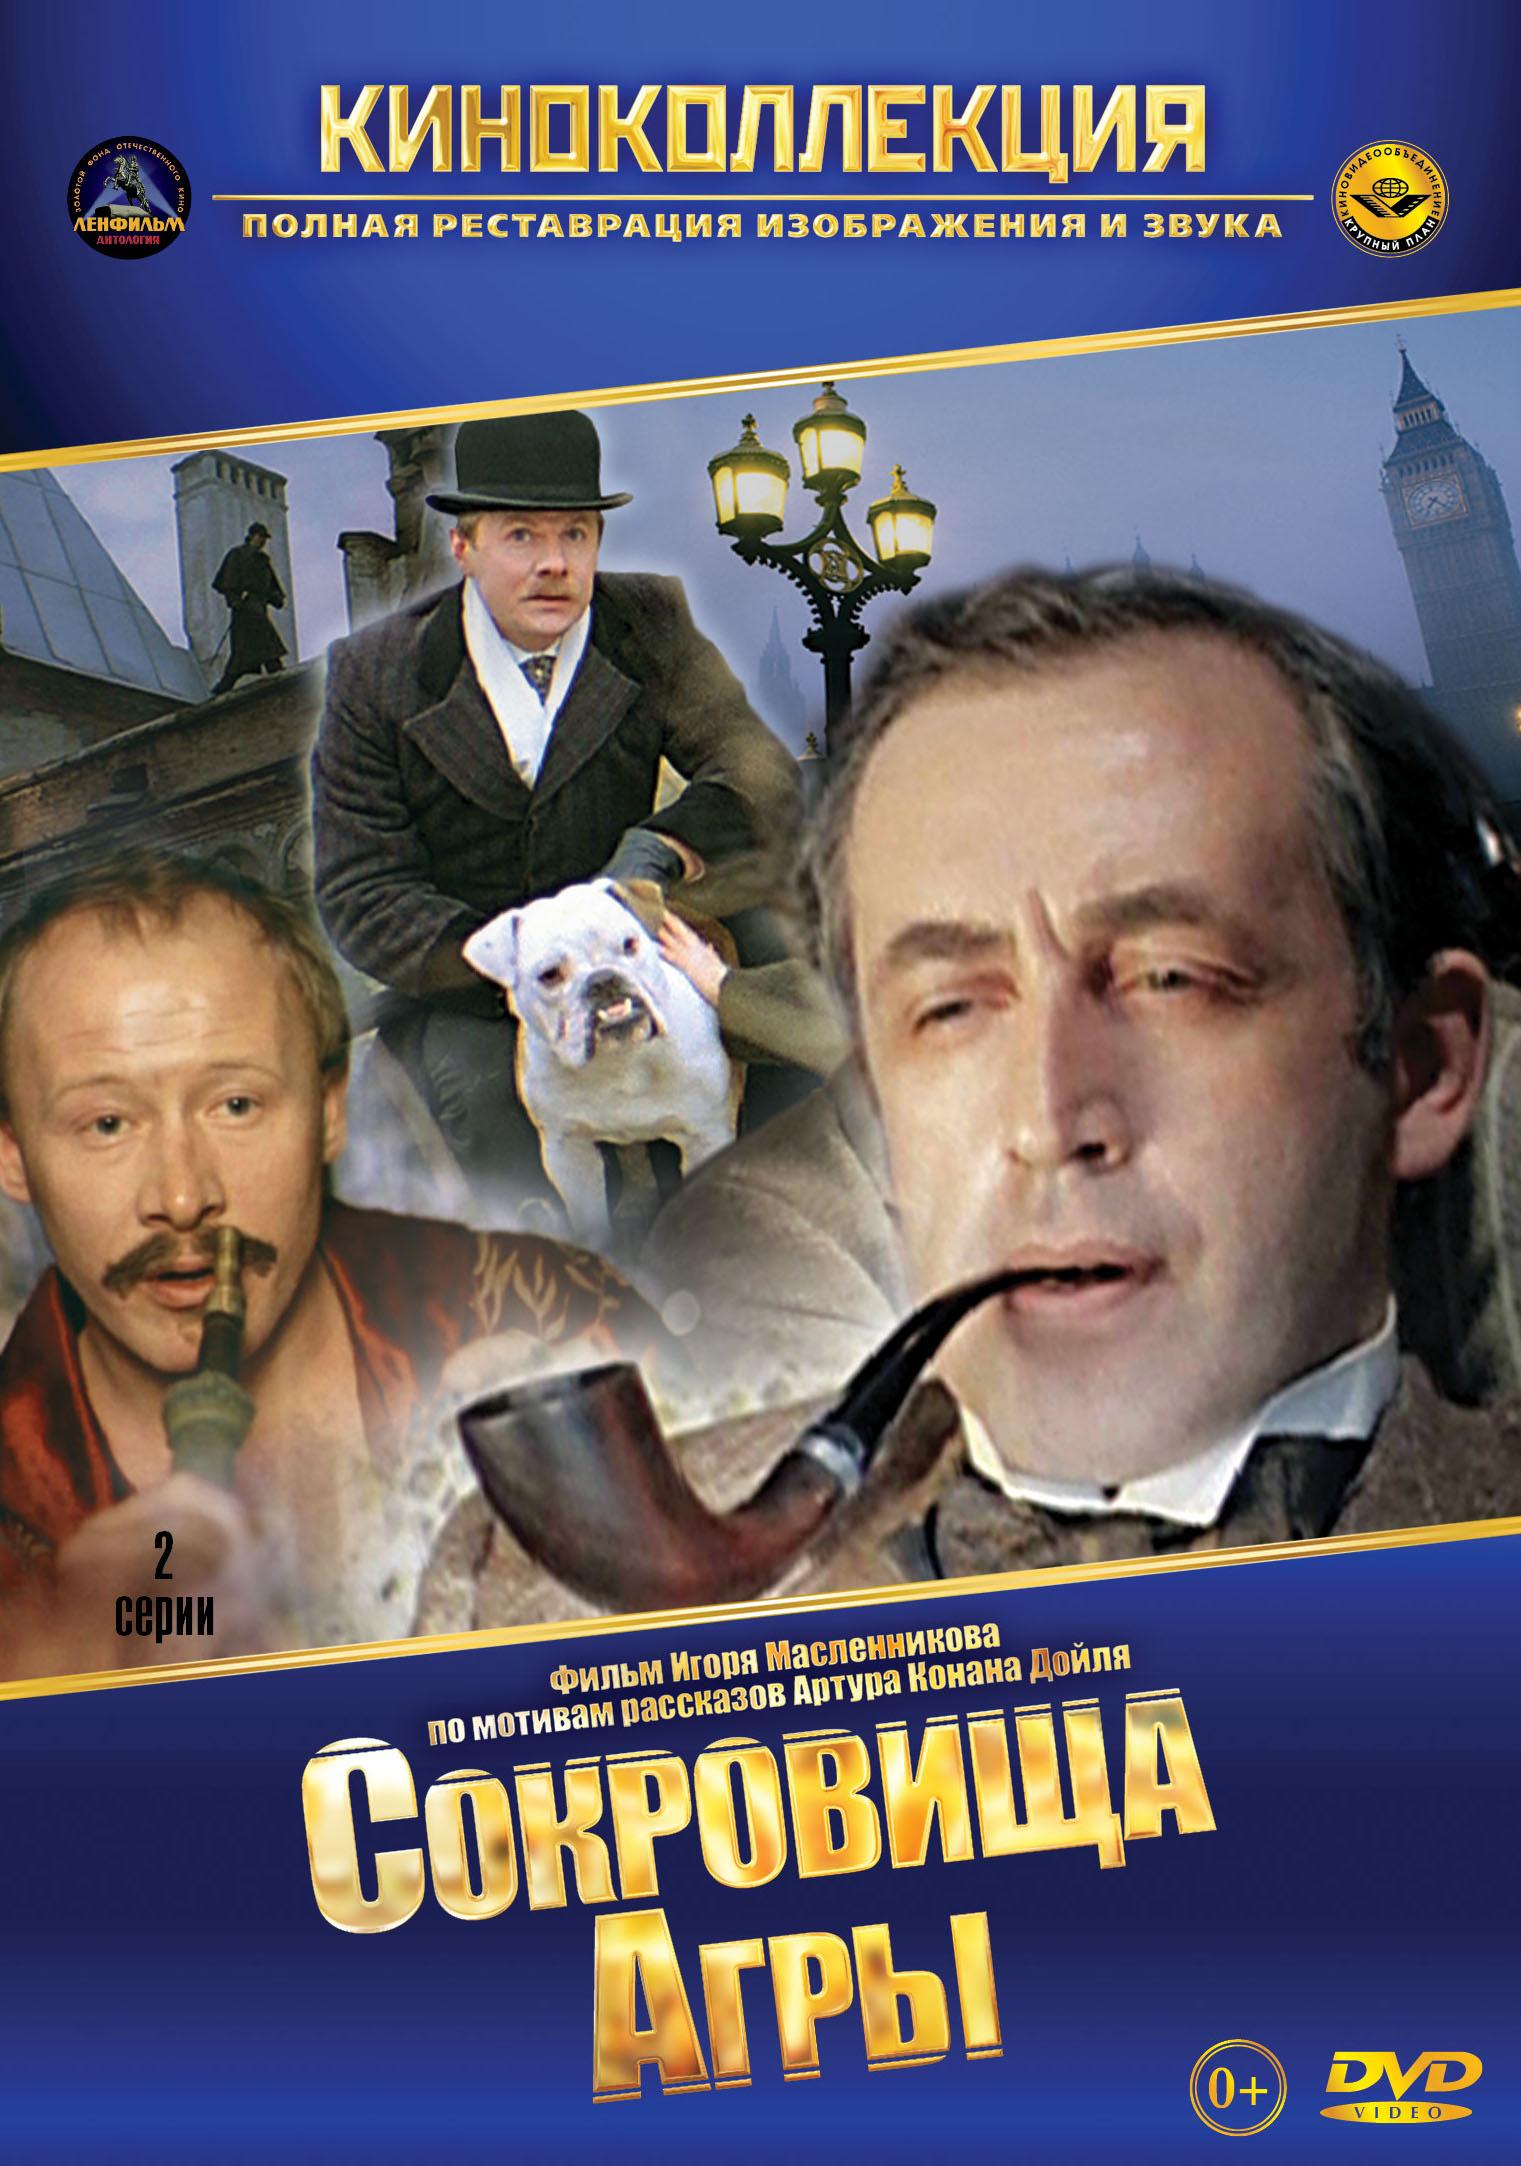 Шерлок холмс и доктор ватсон смотреть онлайн 14 фотография